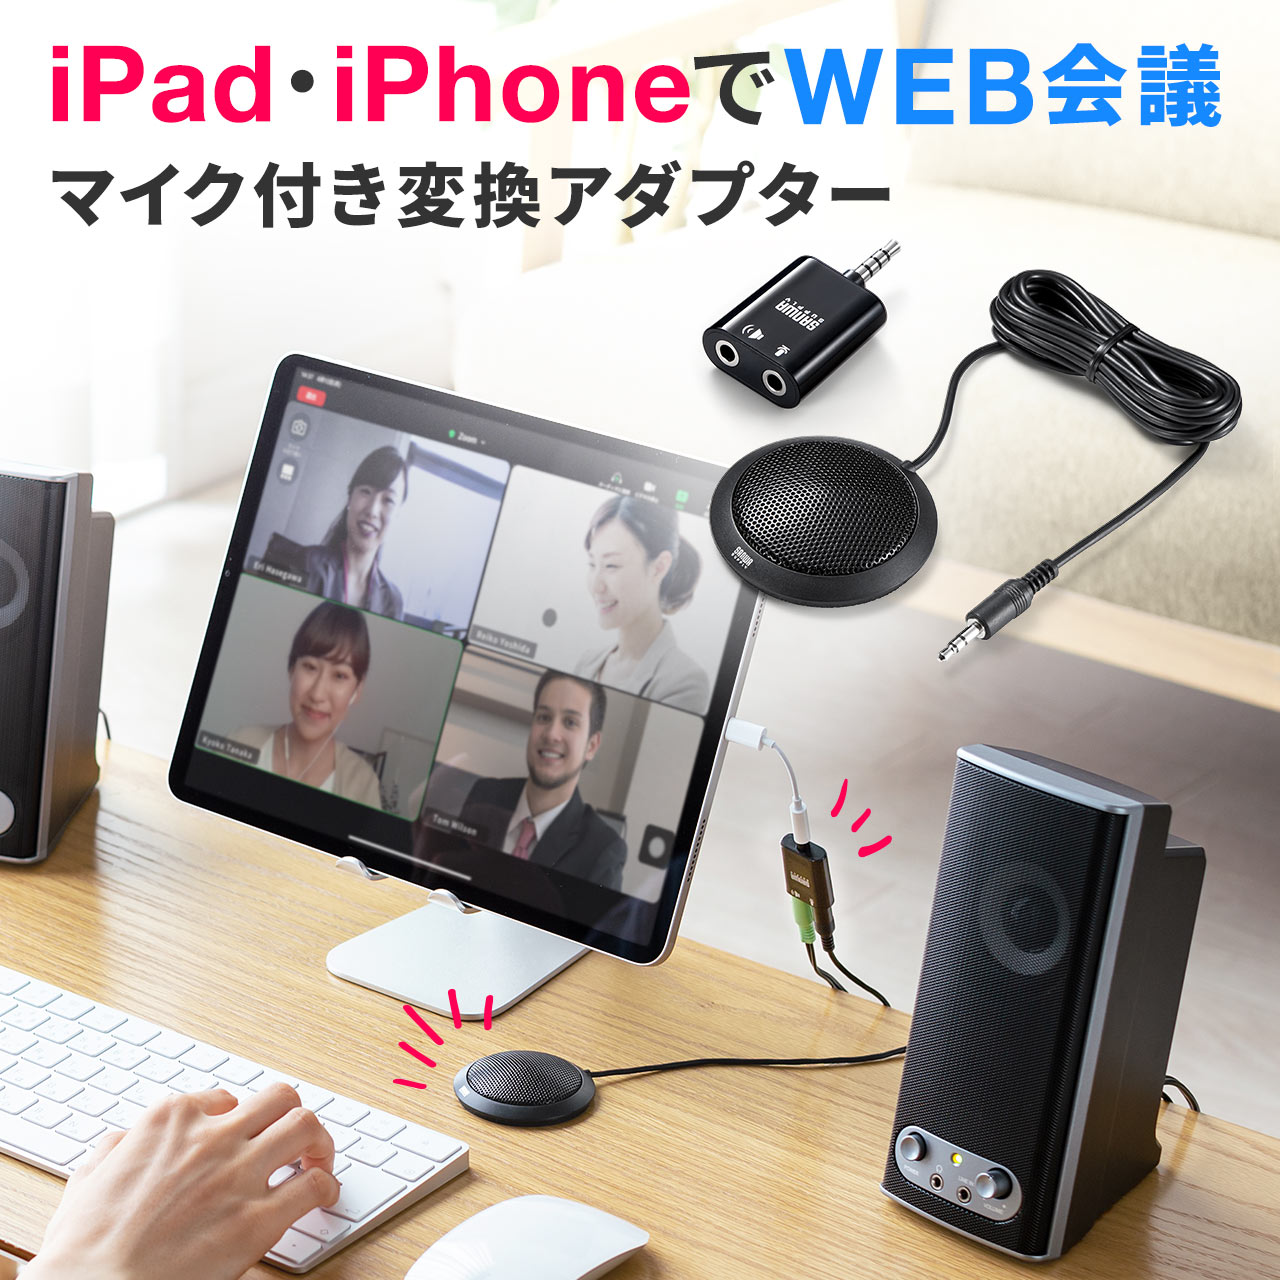 iPhone・iPad向けWEB会議用マイクアダプタ 音声分配 Skype・FaceTime対応 WEB会議マイク [400-MC008]【サンワダイレクト限定品】